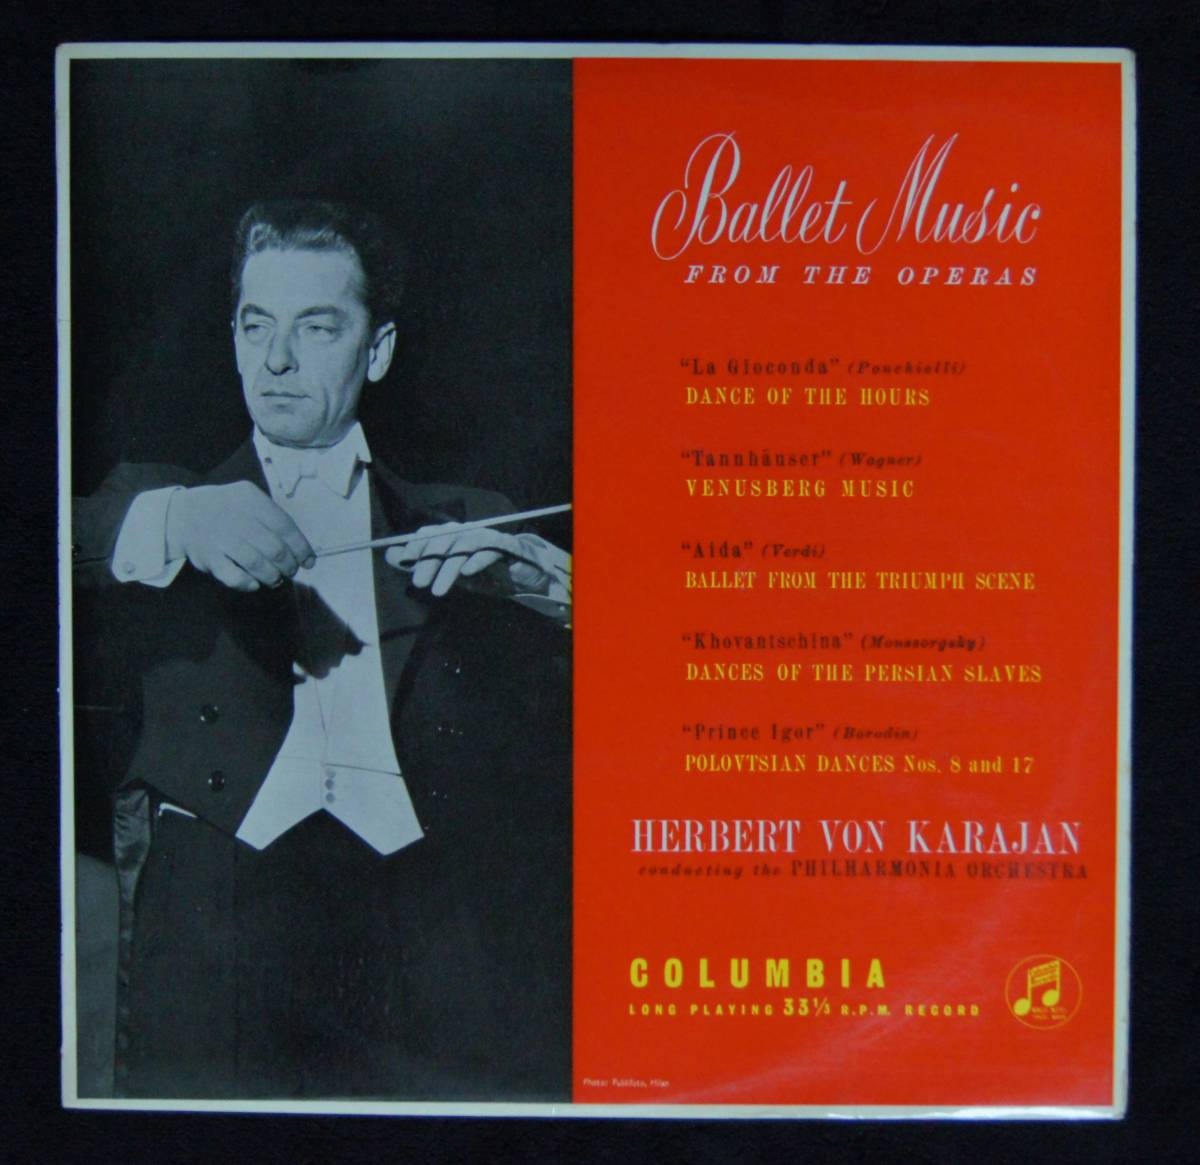 ヘルベルト・フォン・カラヤン/フィルハーモニア管弦楽団【33CX 1327 キズ盤】「オペラ・バレエ音楽集」_画像1